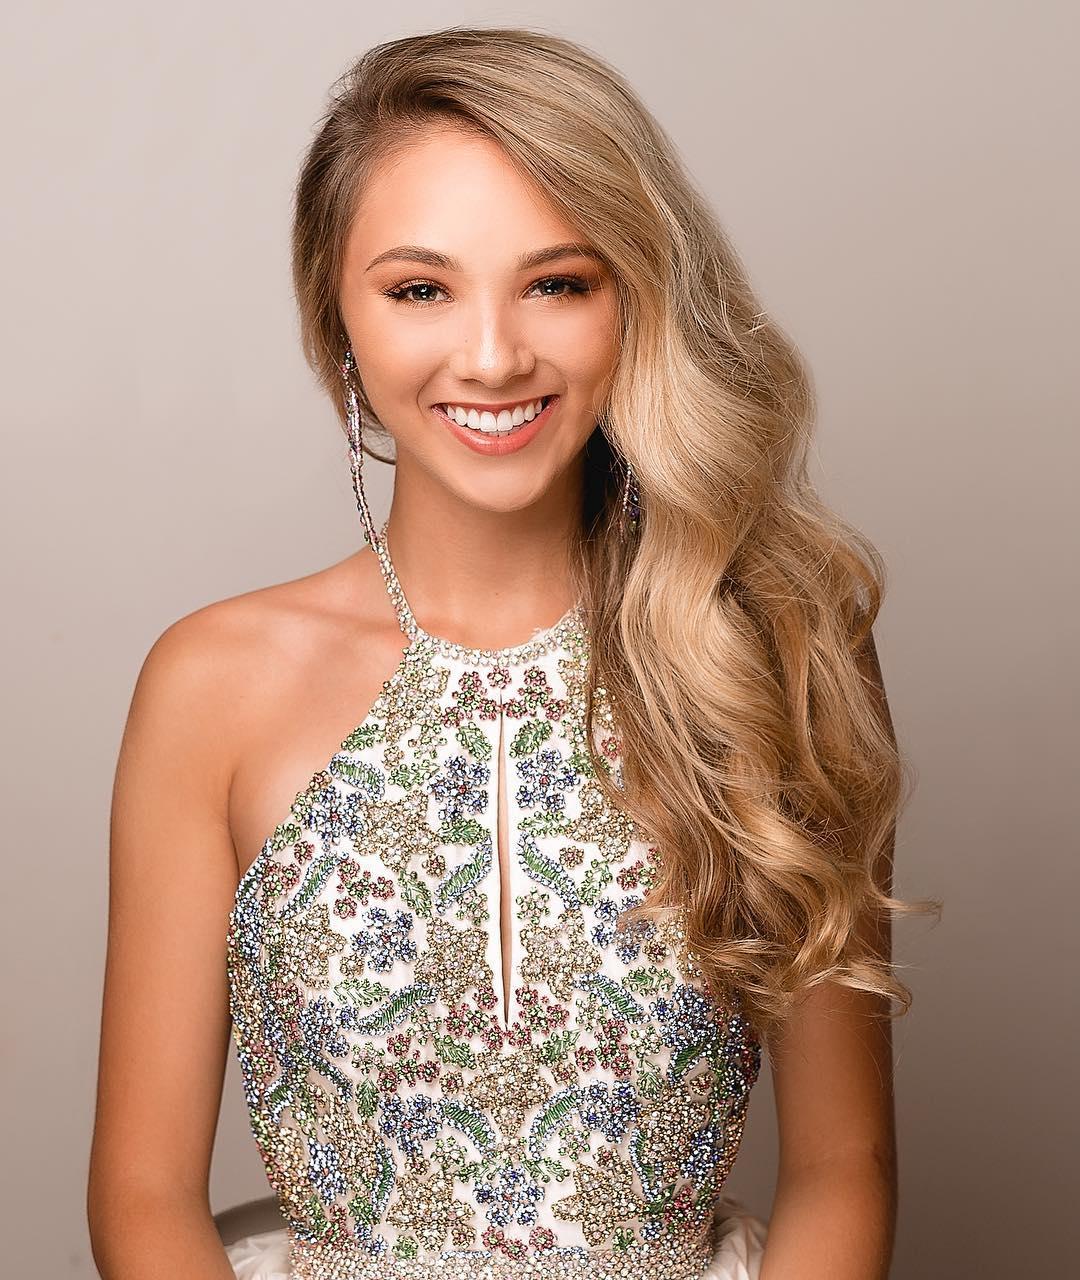 Miss Teen USA 2019 Contestants, Iowa Kristen Hovda